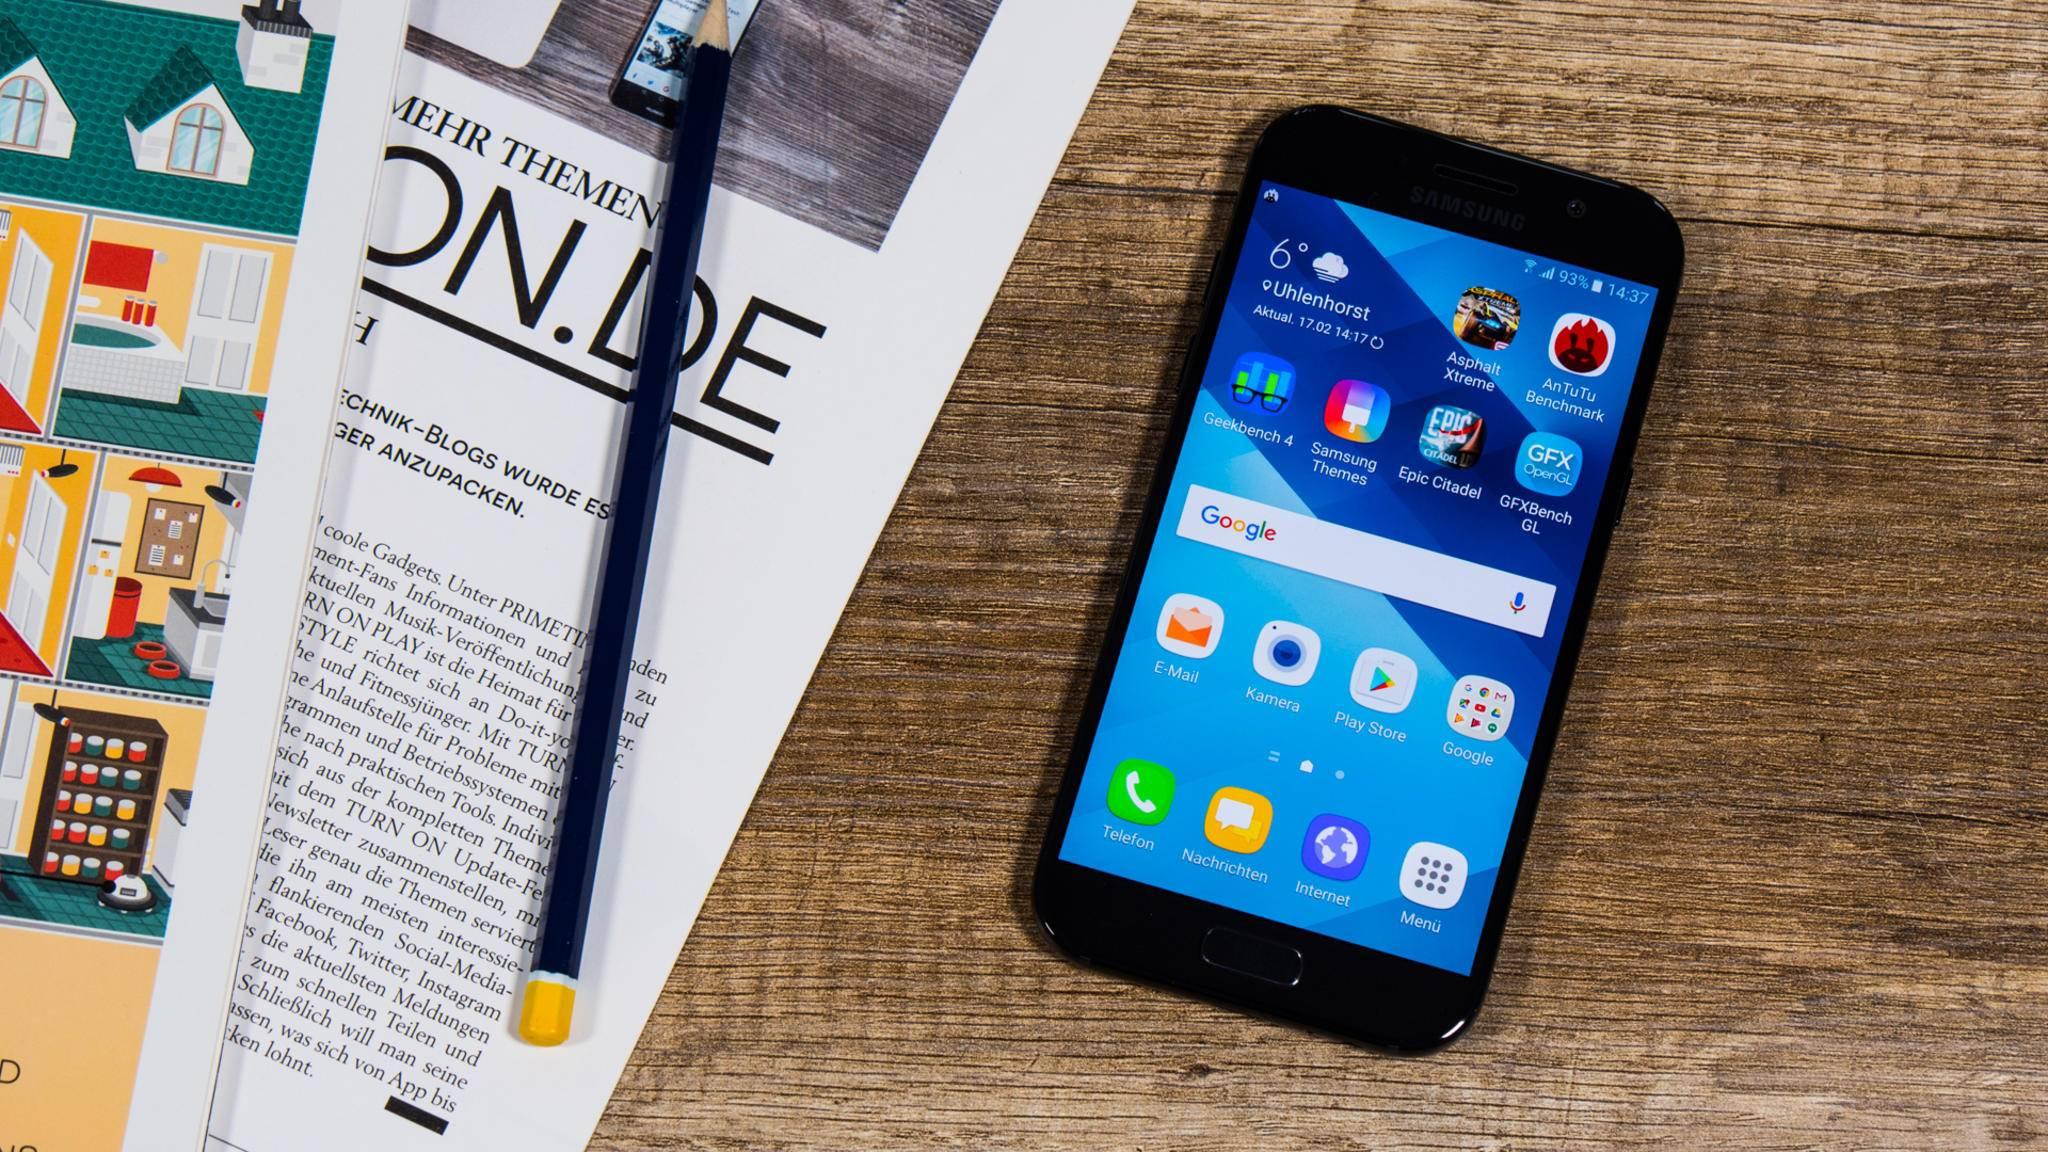 Das Galaxy A5 (2017) bietet im Vergleich zum Vorgänger sinnvolle technische Upgrades.